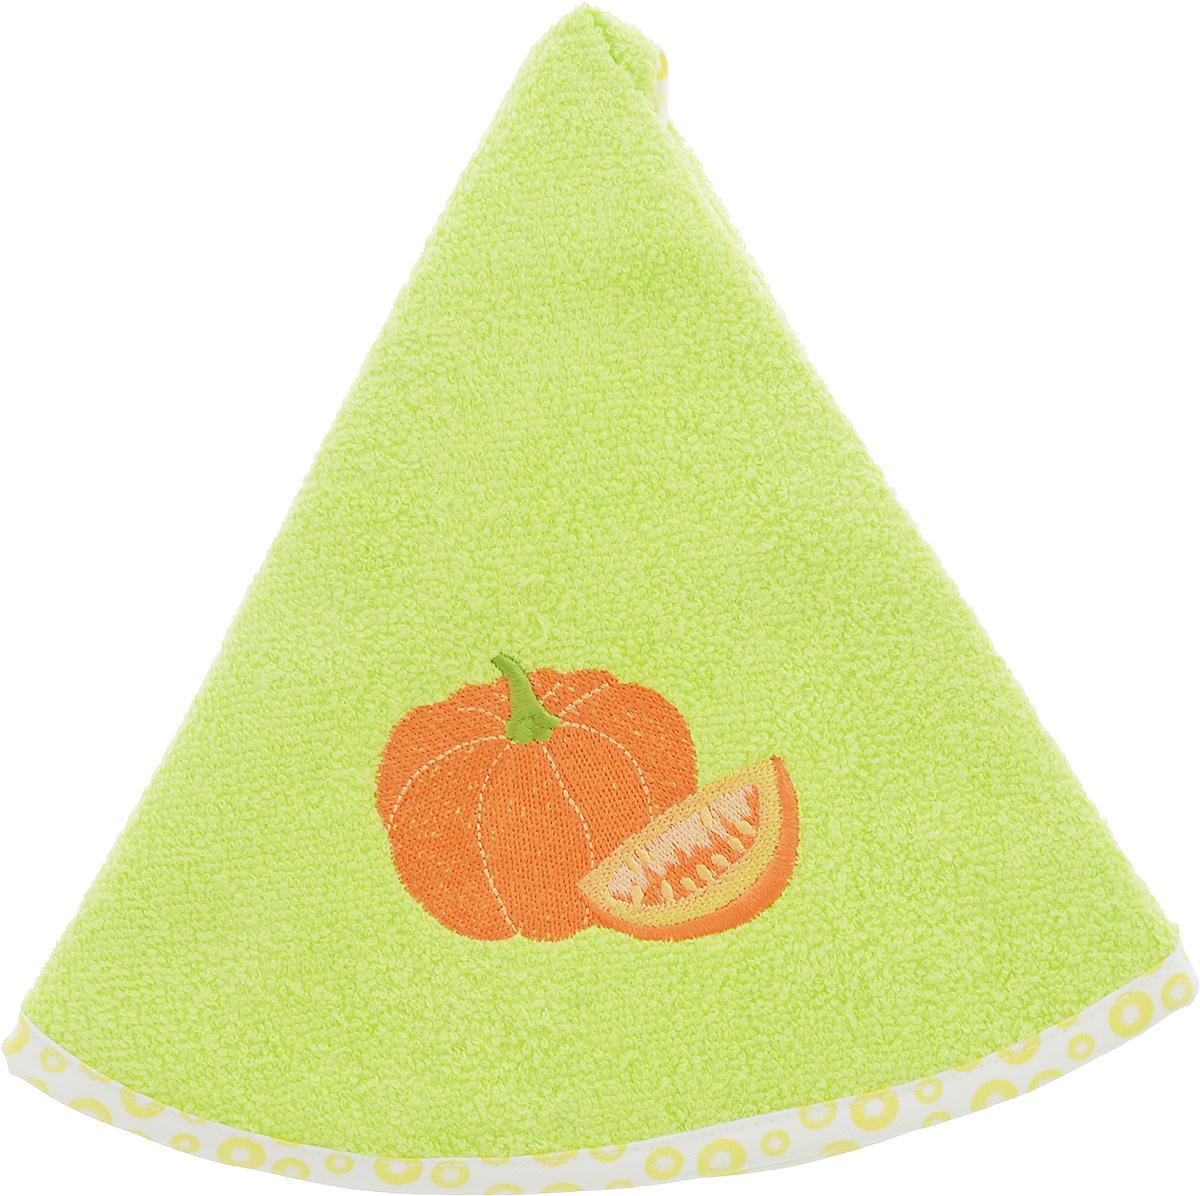 Полотенце кухонное Karna Zelina. Тыква, цвет: салатовый, оранжевый, диаметр 50 см504/CHAR005_салатовыйКруглое кухонное полотенце Karna Zelina. Тыква изготовлено из 100% хлопка, поэтому являетсяэкологически чистым. Качество материала гарантирует безопасность не только взрослым, но и самым маленьким членам семьи. Изделие мягкое и пушистое, оснащено удобной петелькой и украшено оригинальной вышивкой. Кухонное полотенце Karna сделает интерьер вашей кухни стильным и гармоничным.Диаметр полотенца: 50 см.